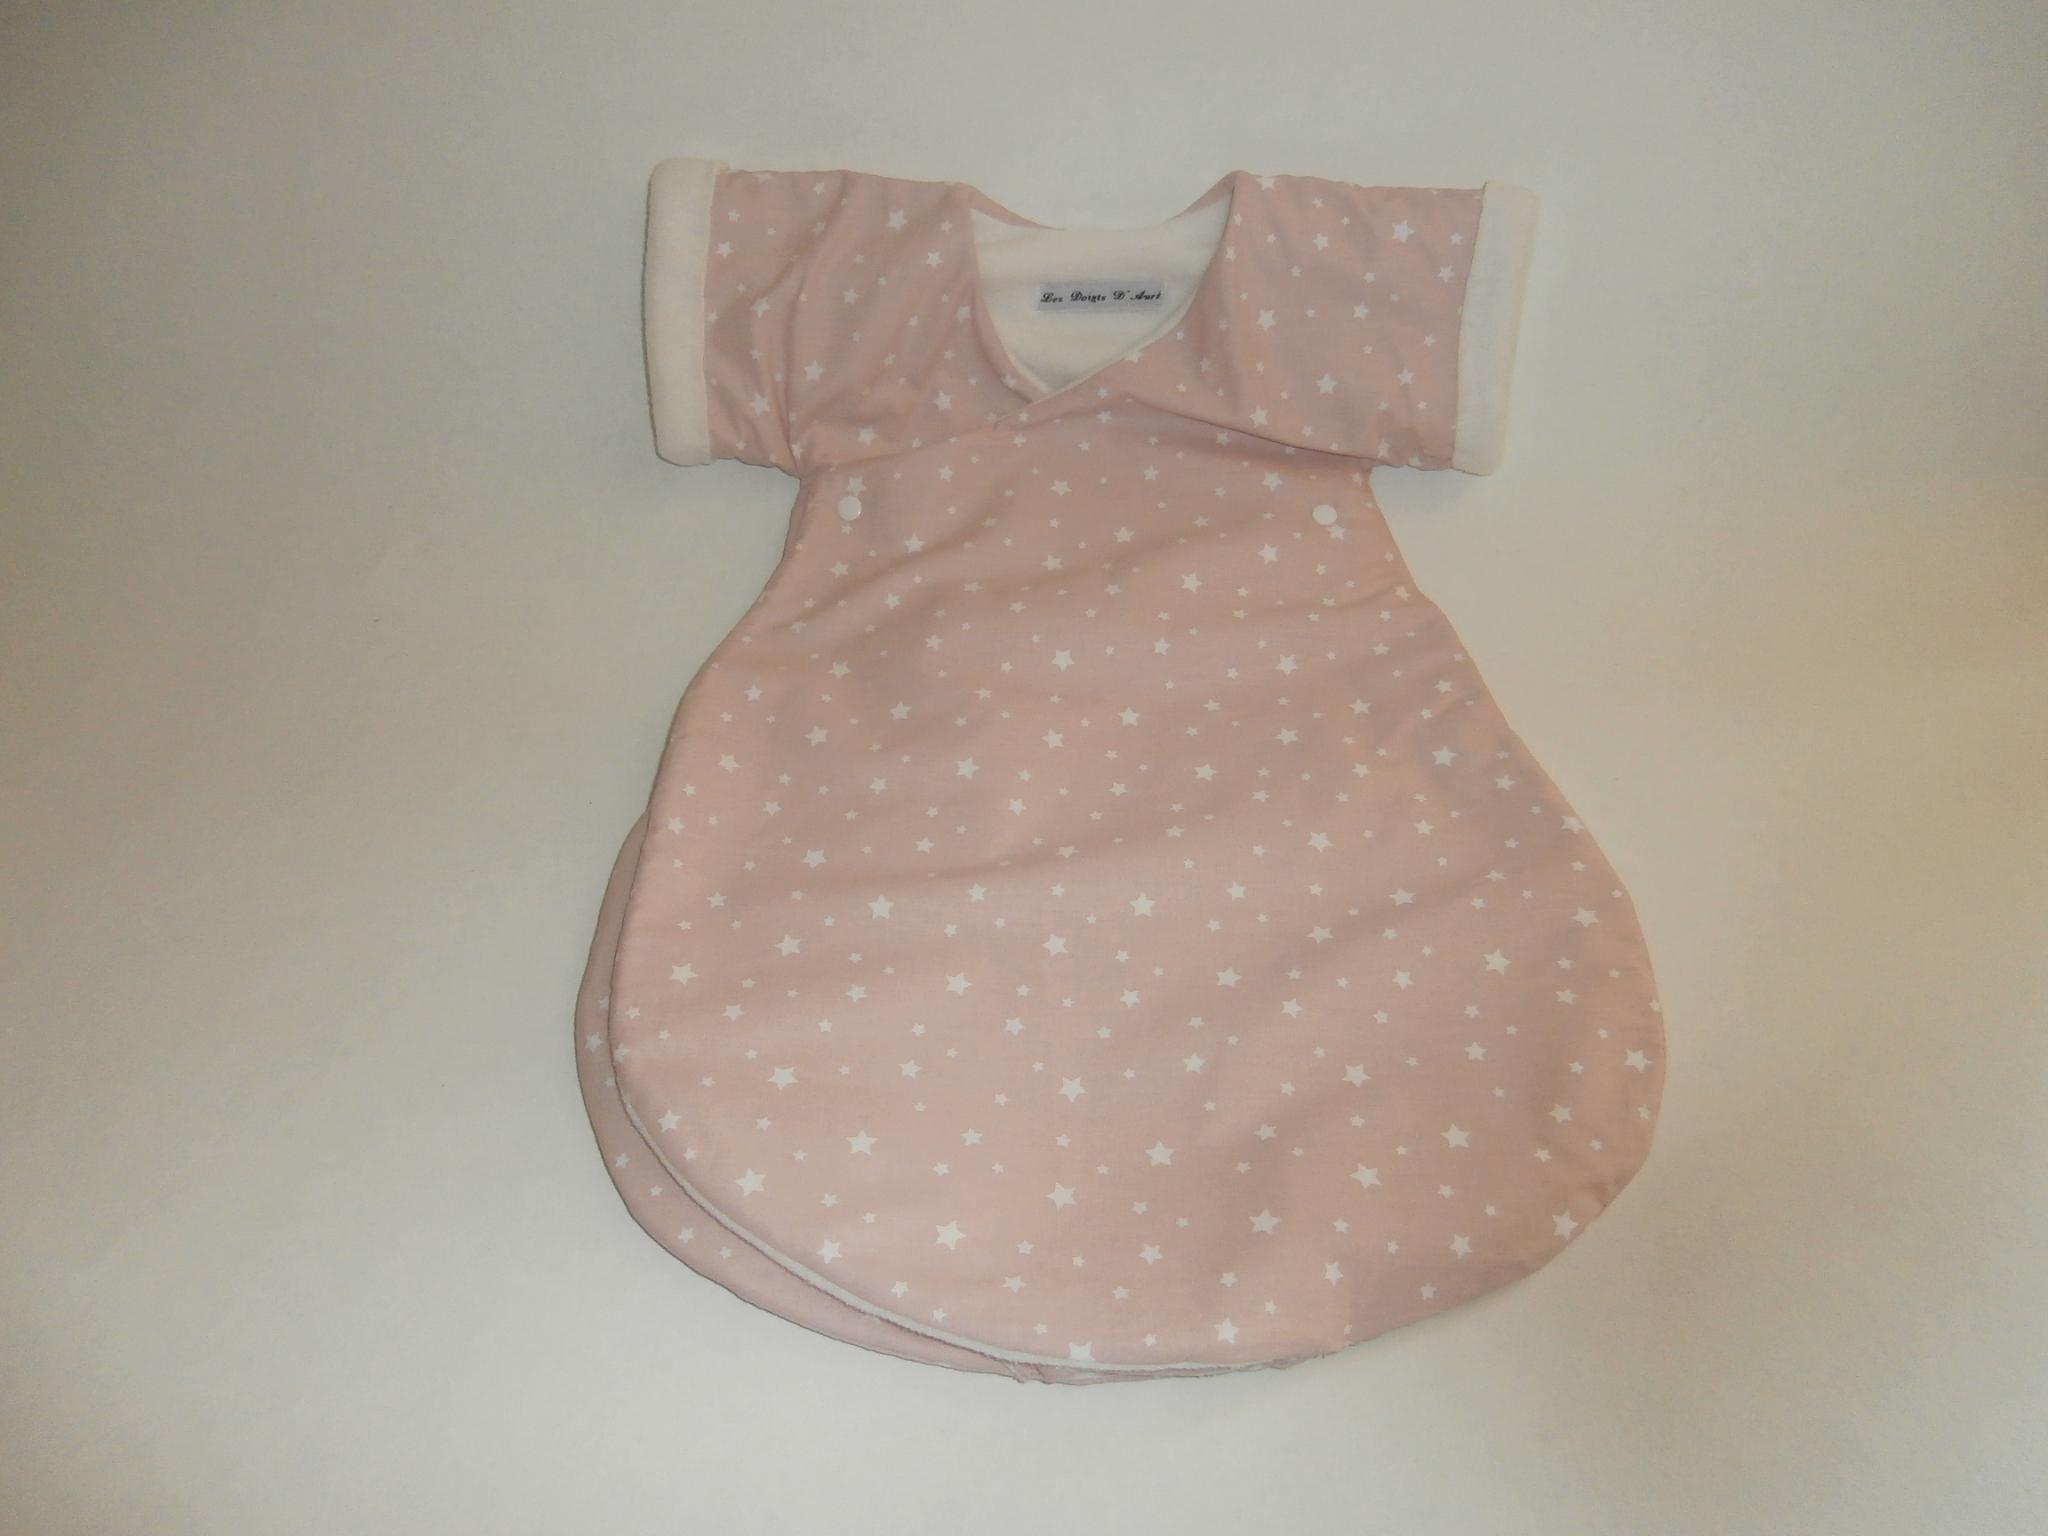 gigoteuse 3/6 mois, possibilité autres tailles, fermeture croisée par pression, très pratique avec nouveau-né. Tissus à choisir ensemble. 45€ sur commande